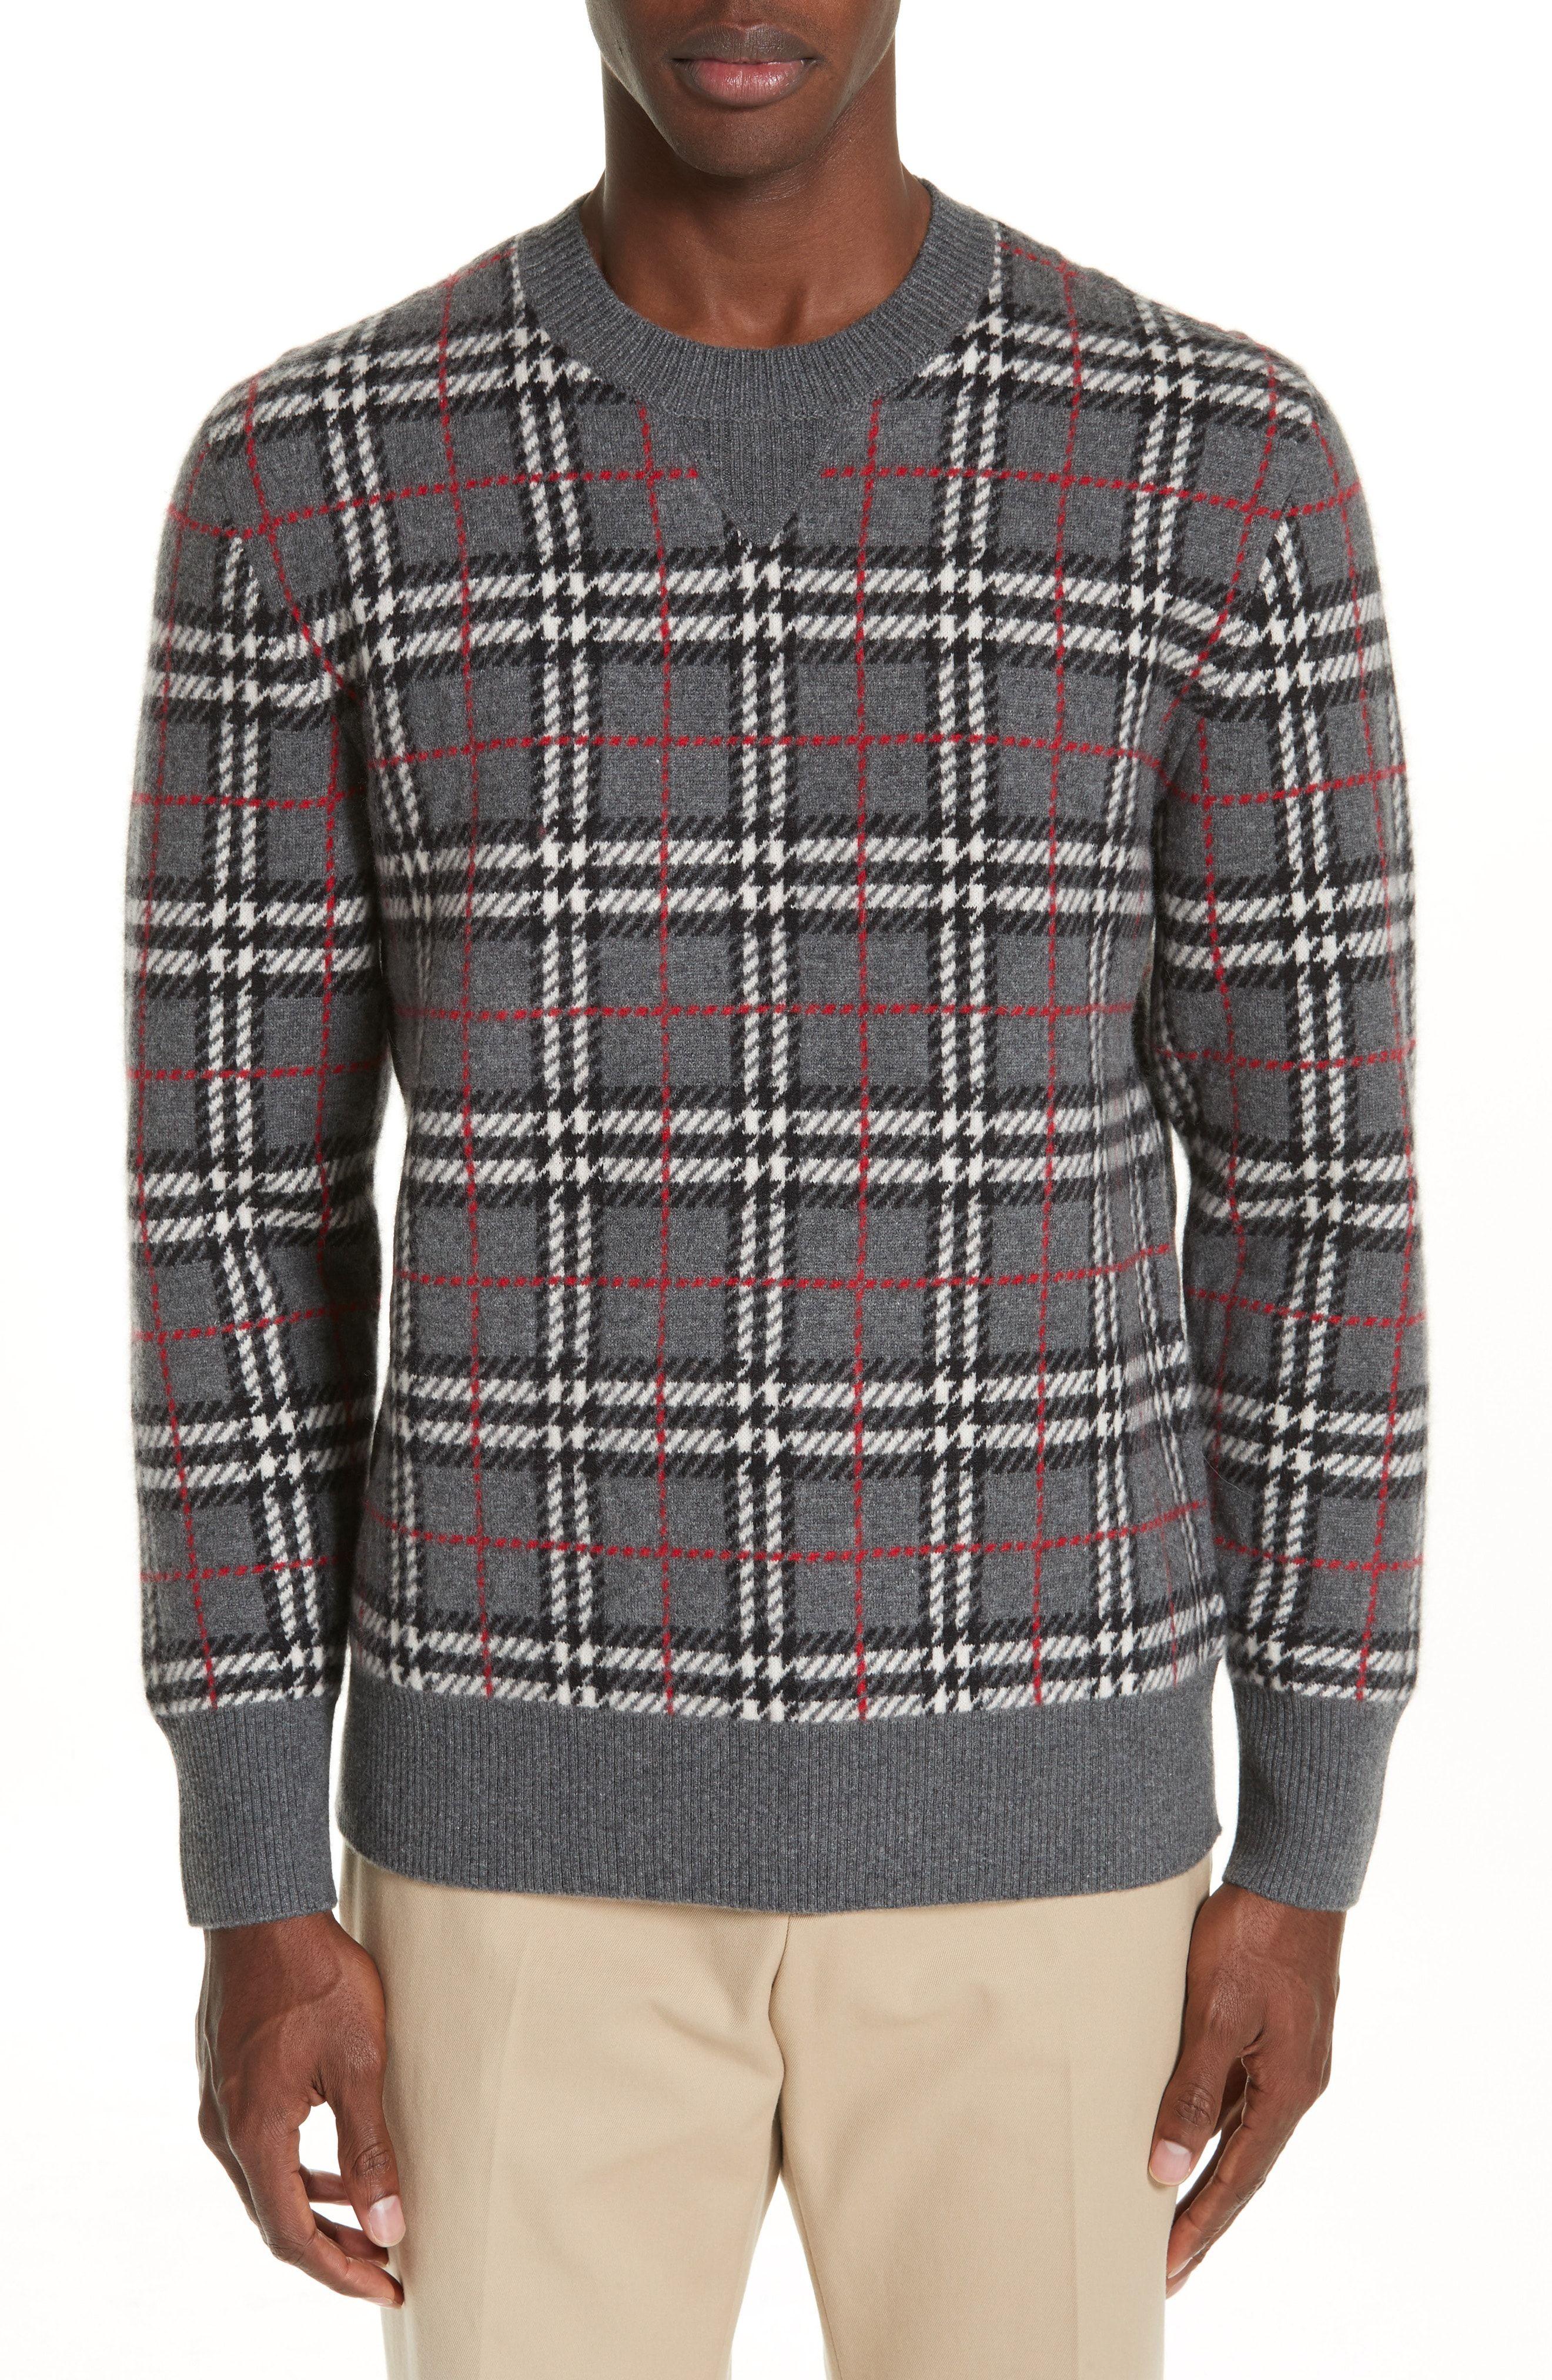 e246b03c8e0499 BURBERRY BANBURY CHECK CASHMERE SWEATER.  burberry  cloth